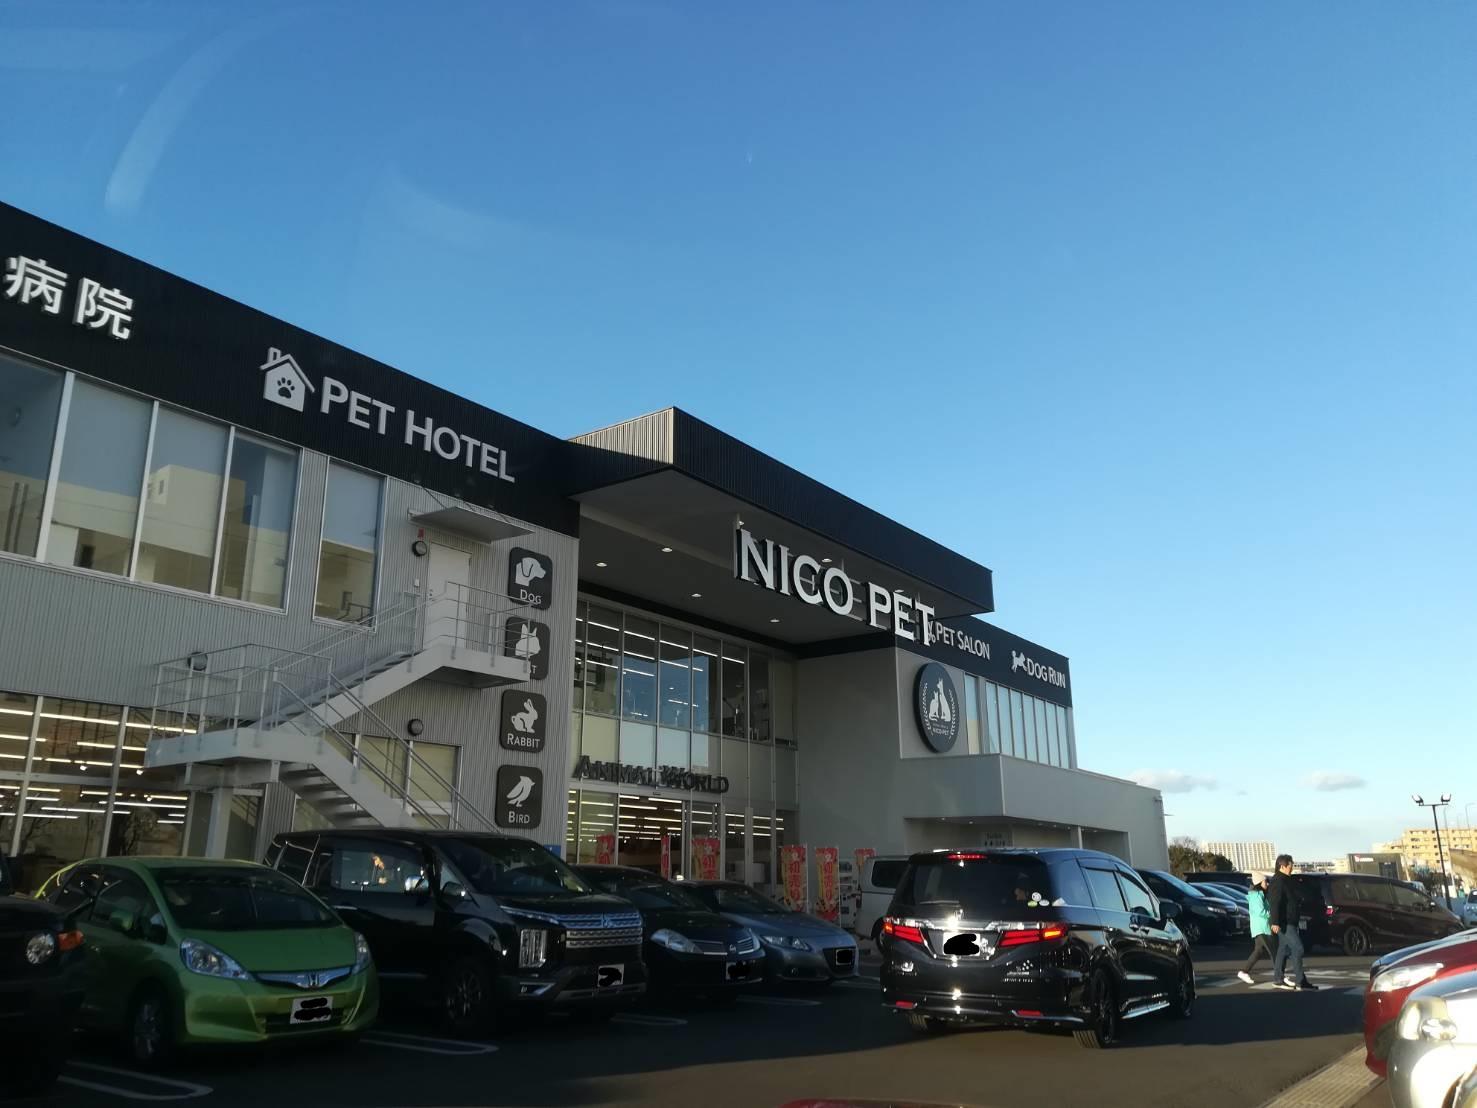 NICOPET(ニコペット)横浜瀬谷店に行ってきた!